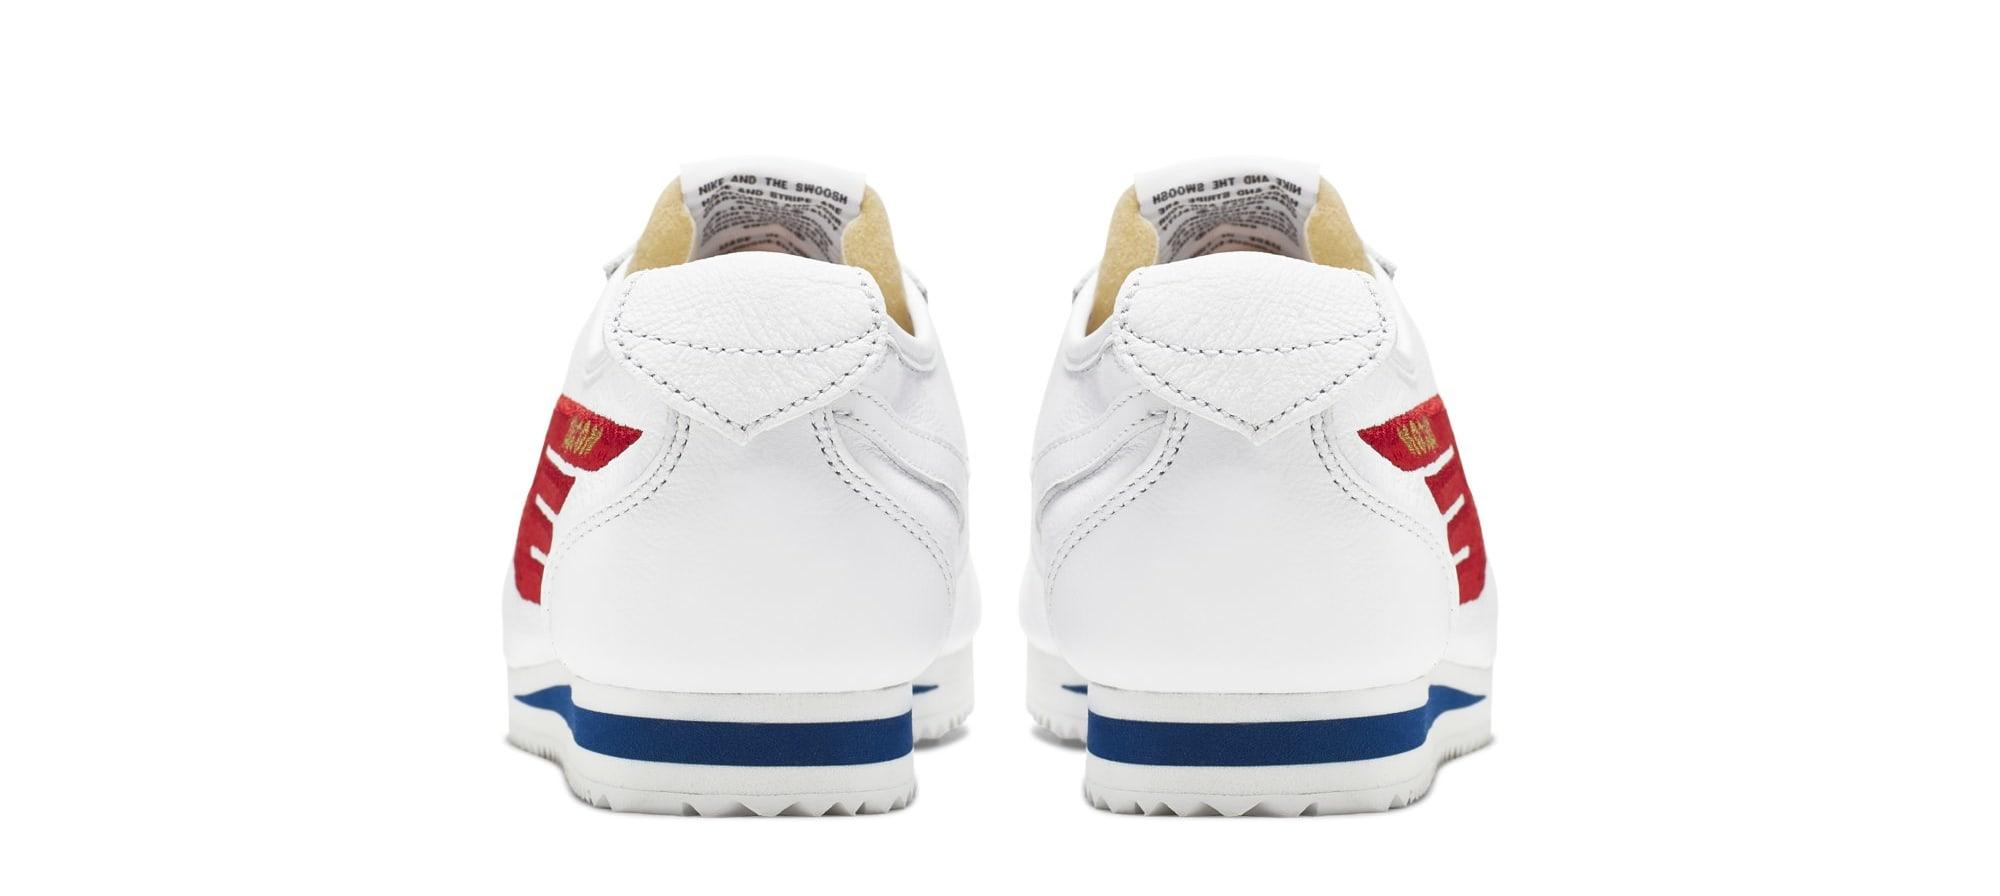 Nike Classic Cortez 'Shoe Dog Pack (Falcon)' CJ2586-101 (Heel)